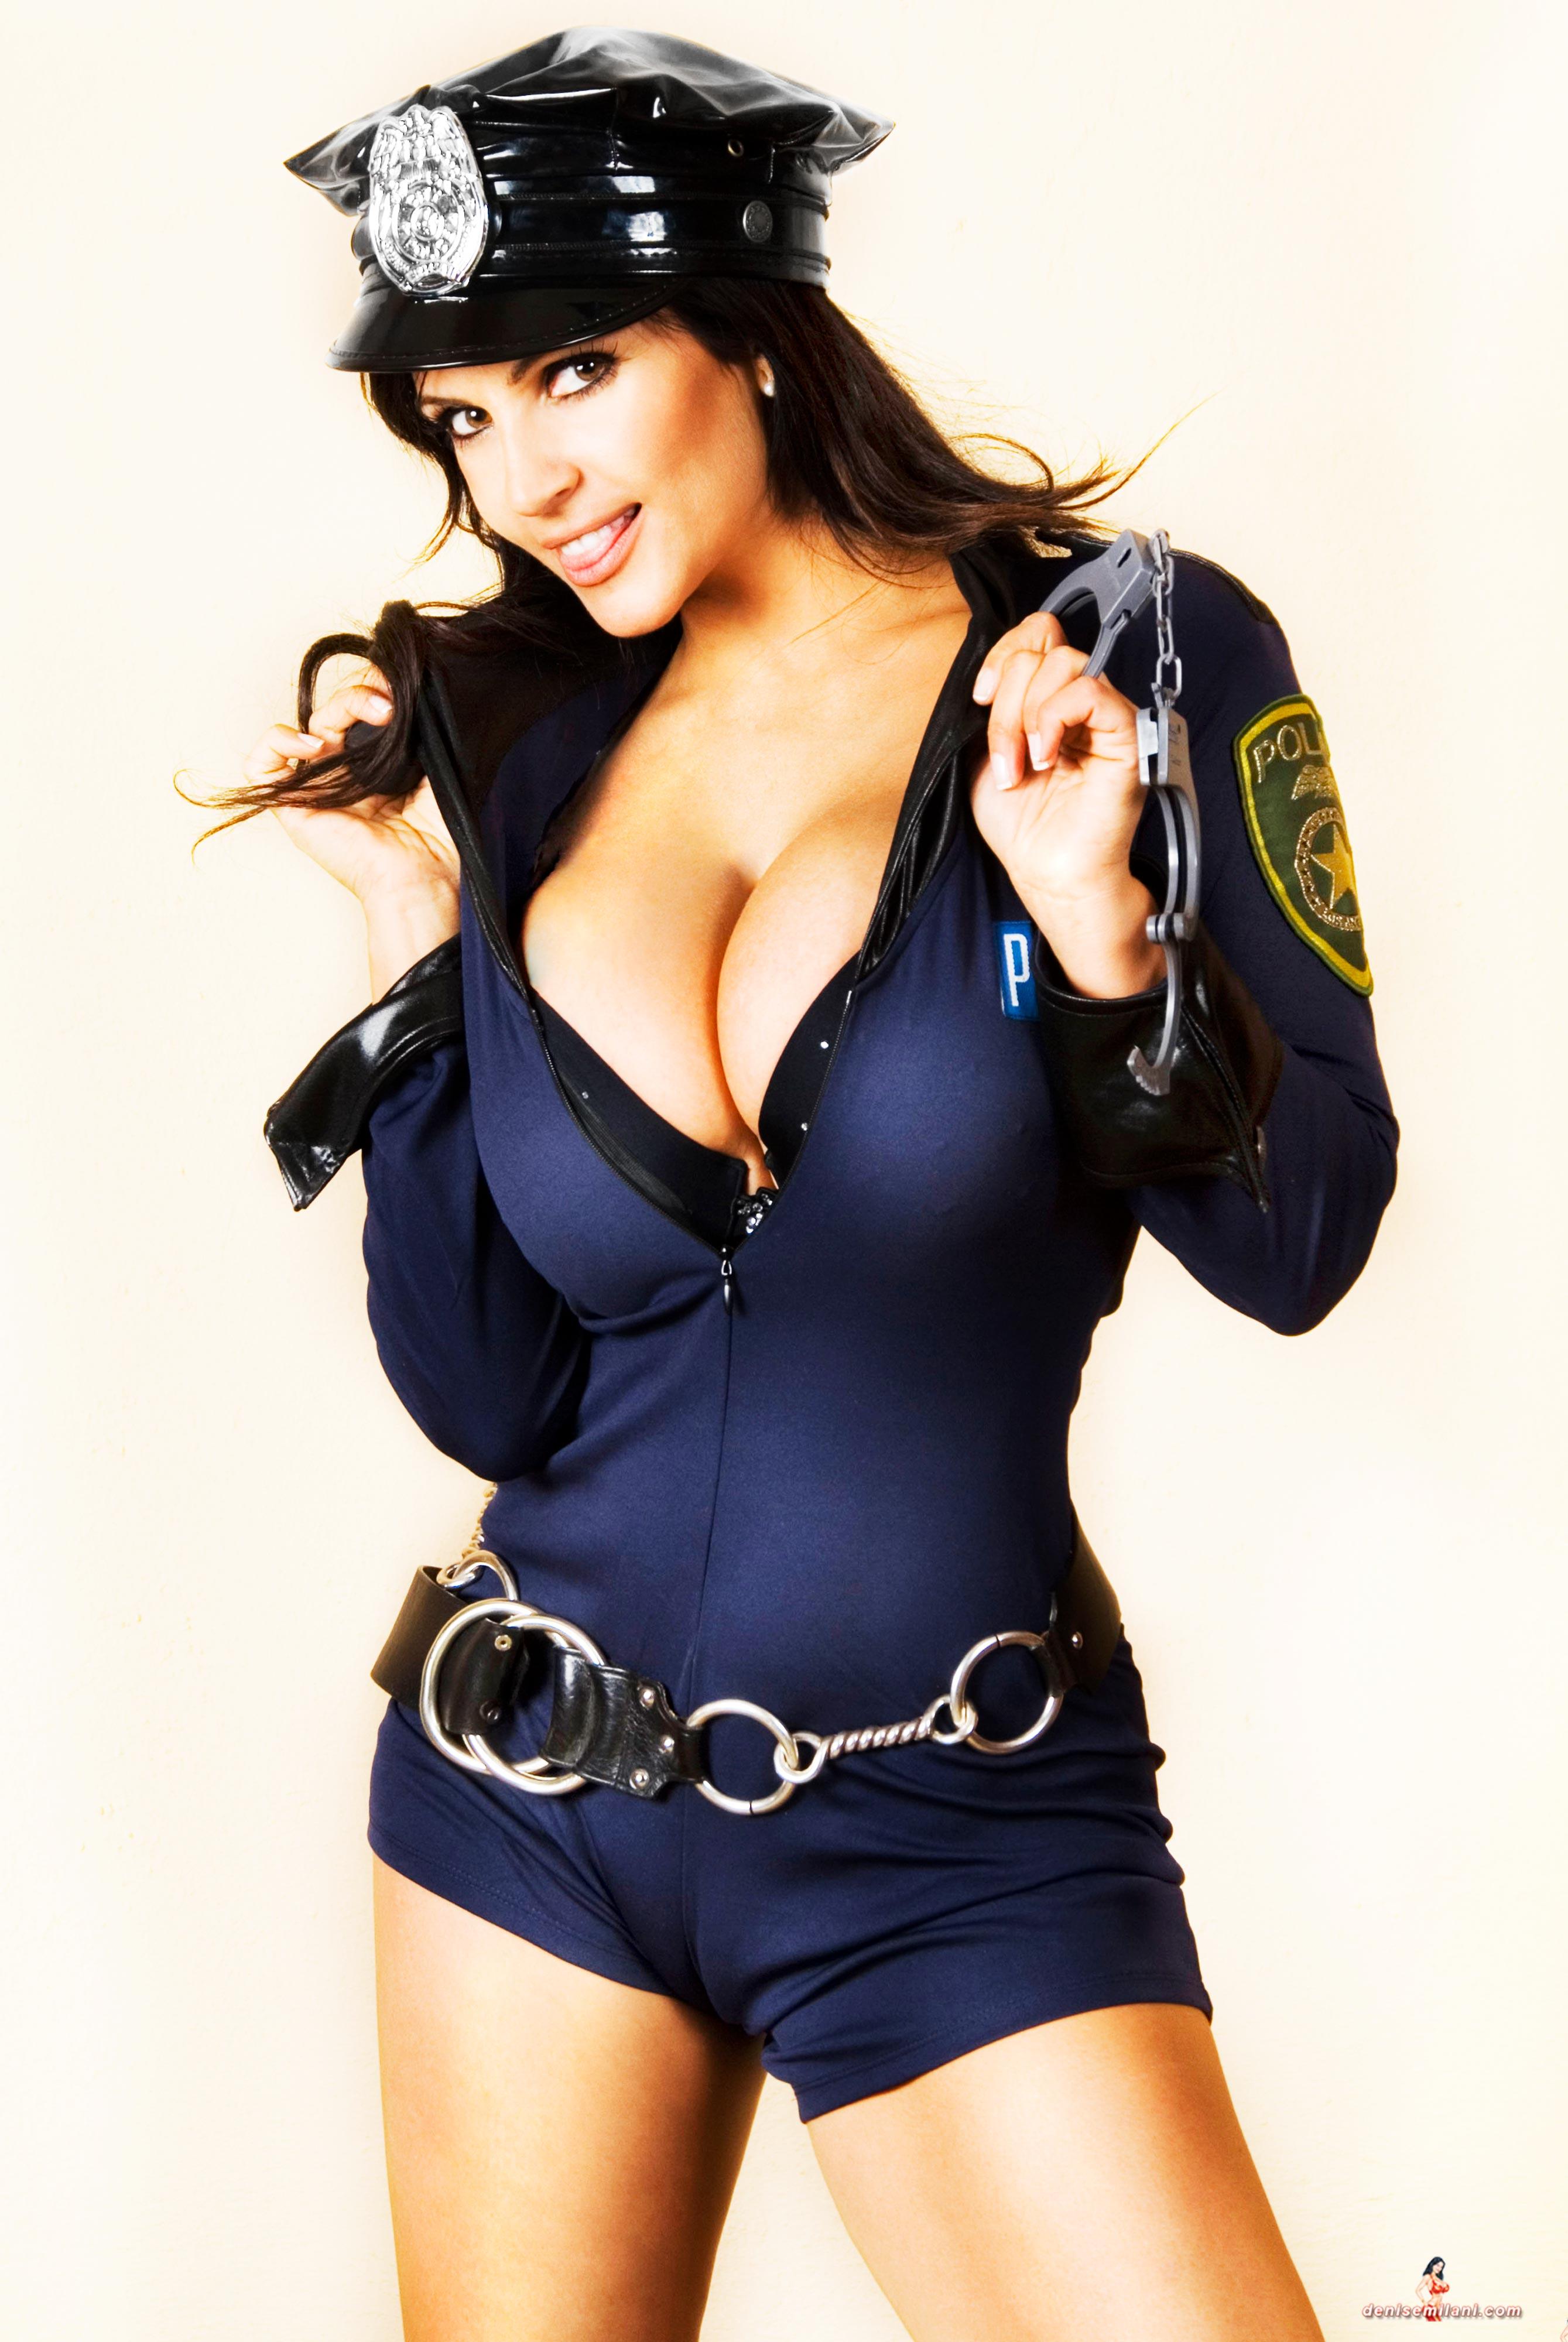 Фото молодых девочек в костюмах полиции 13 фотография